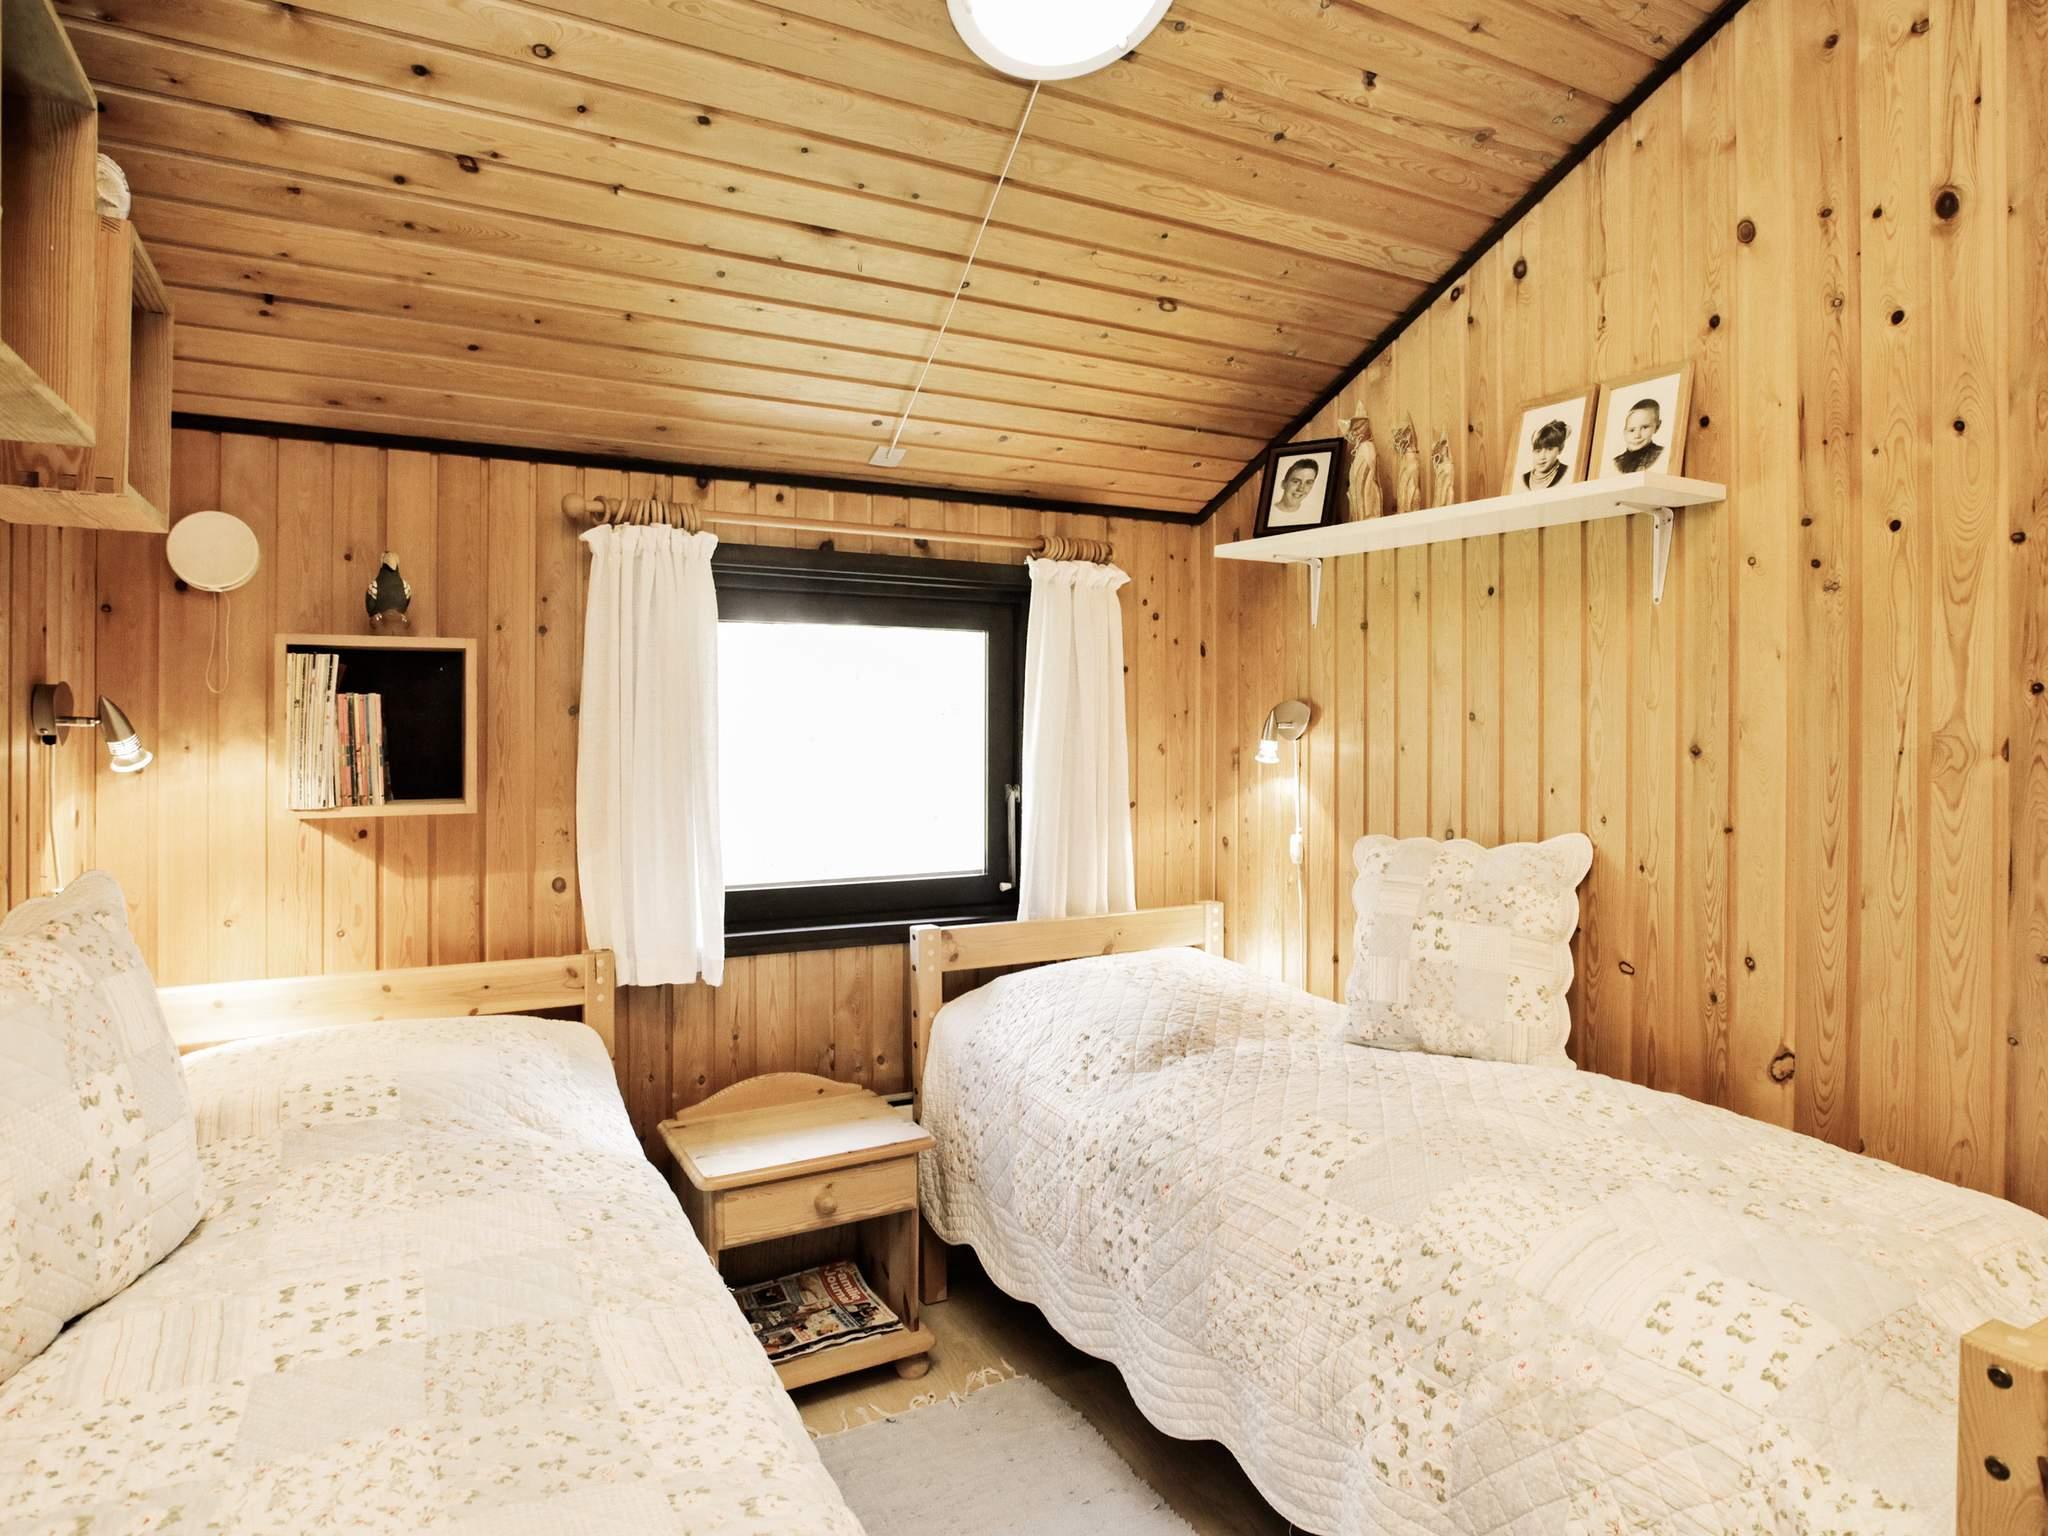 Ferienhaus Kærgården (124921), Vestervig, , Limfjord, Dänemark, Bild 11